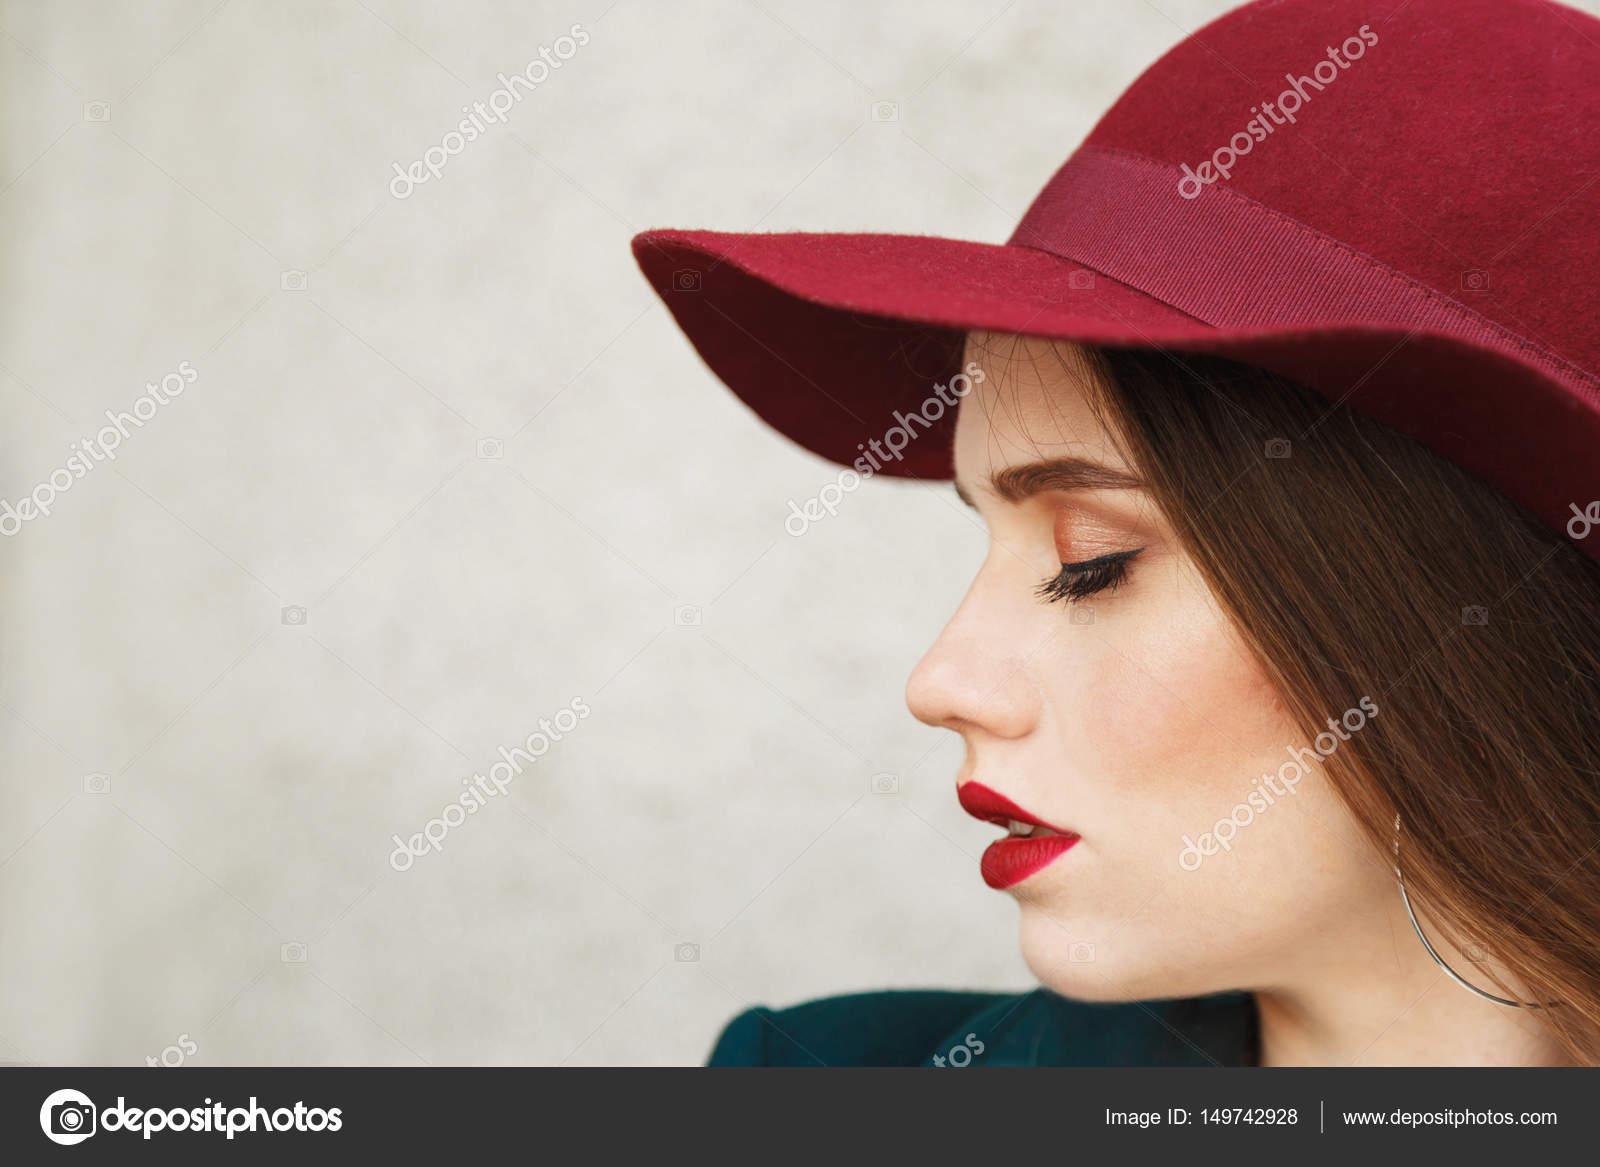 caldo giovane rosso testa